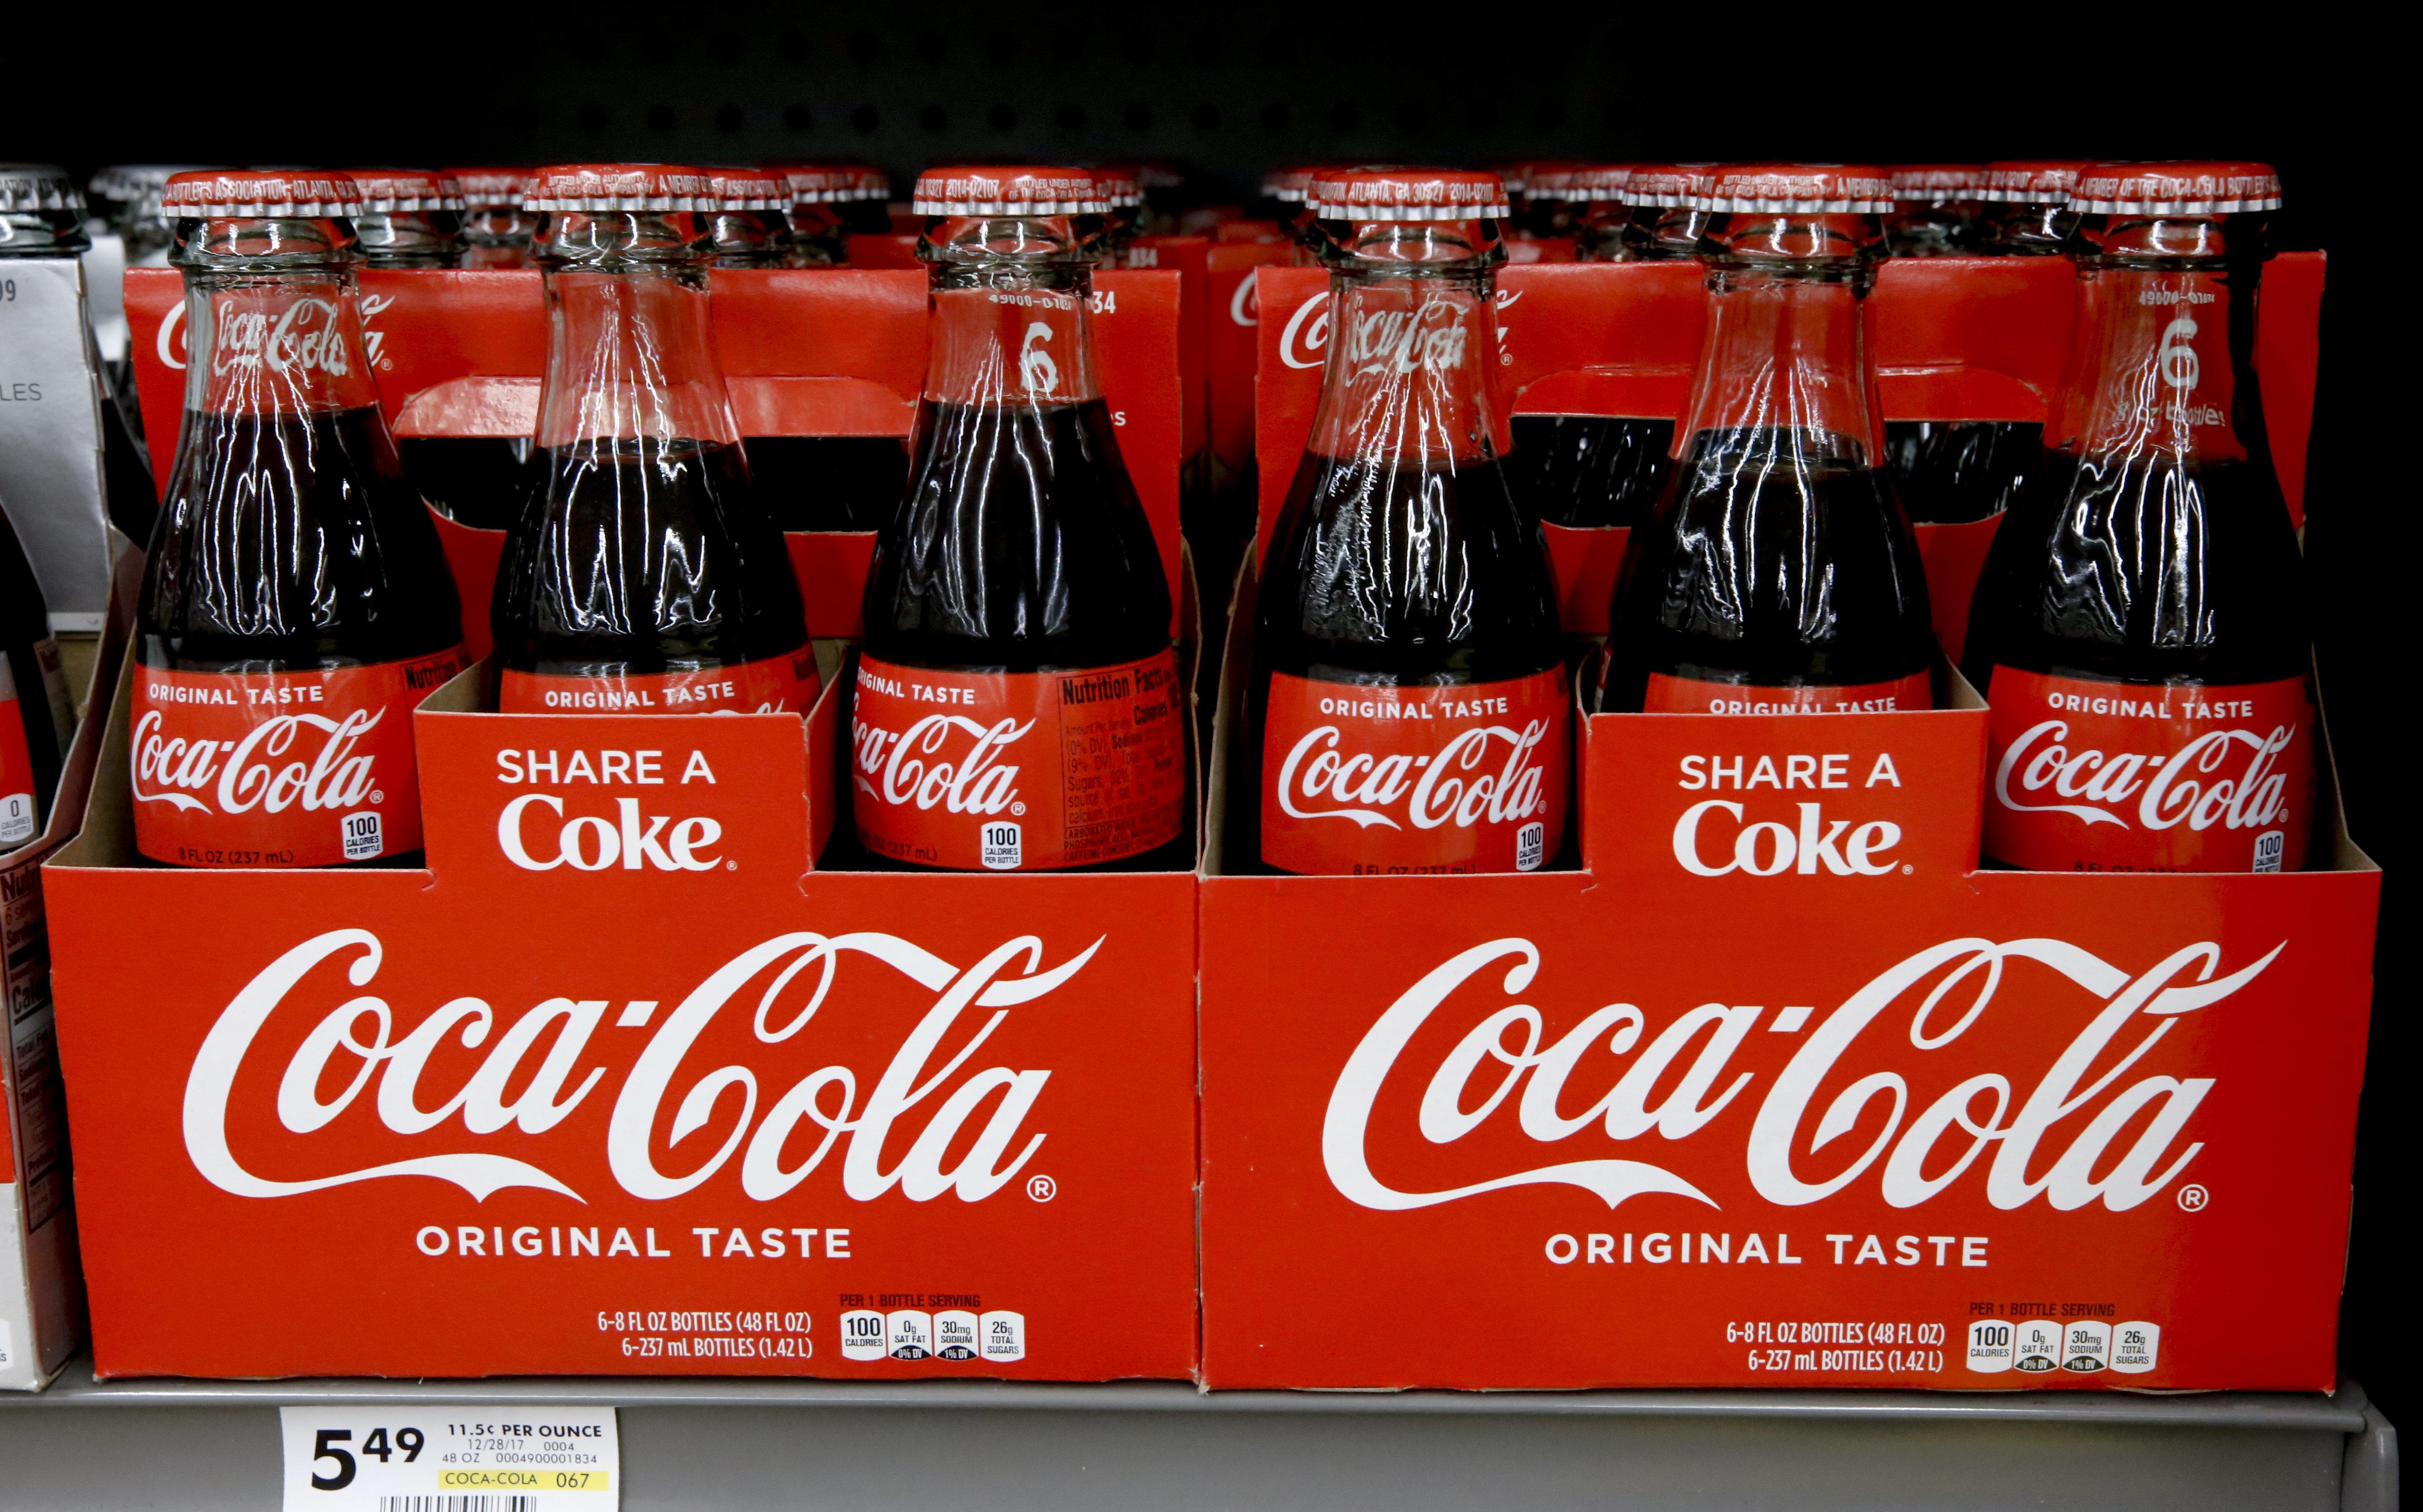 Pour passer au zéro déchet, Danone, Carrefour et Coca vont proposer un service de